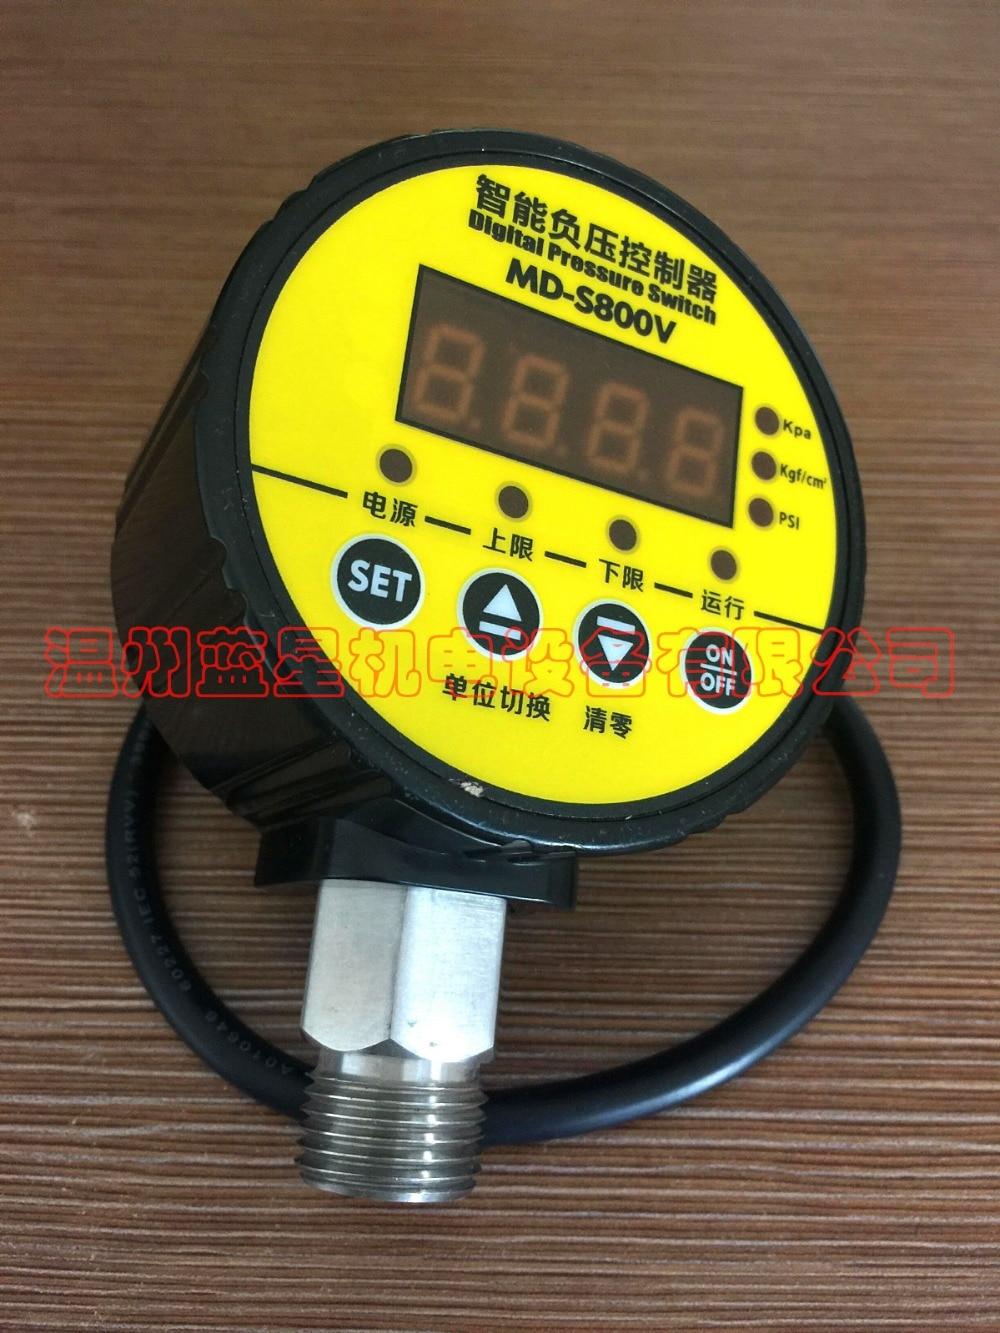 все цены на  Digital pressure controller  pressure switch  vacuum table negative  MD-S800V AC220V  G1/2  M20X1.5  G1/4  M14X1.5  онлайн